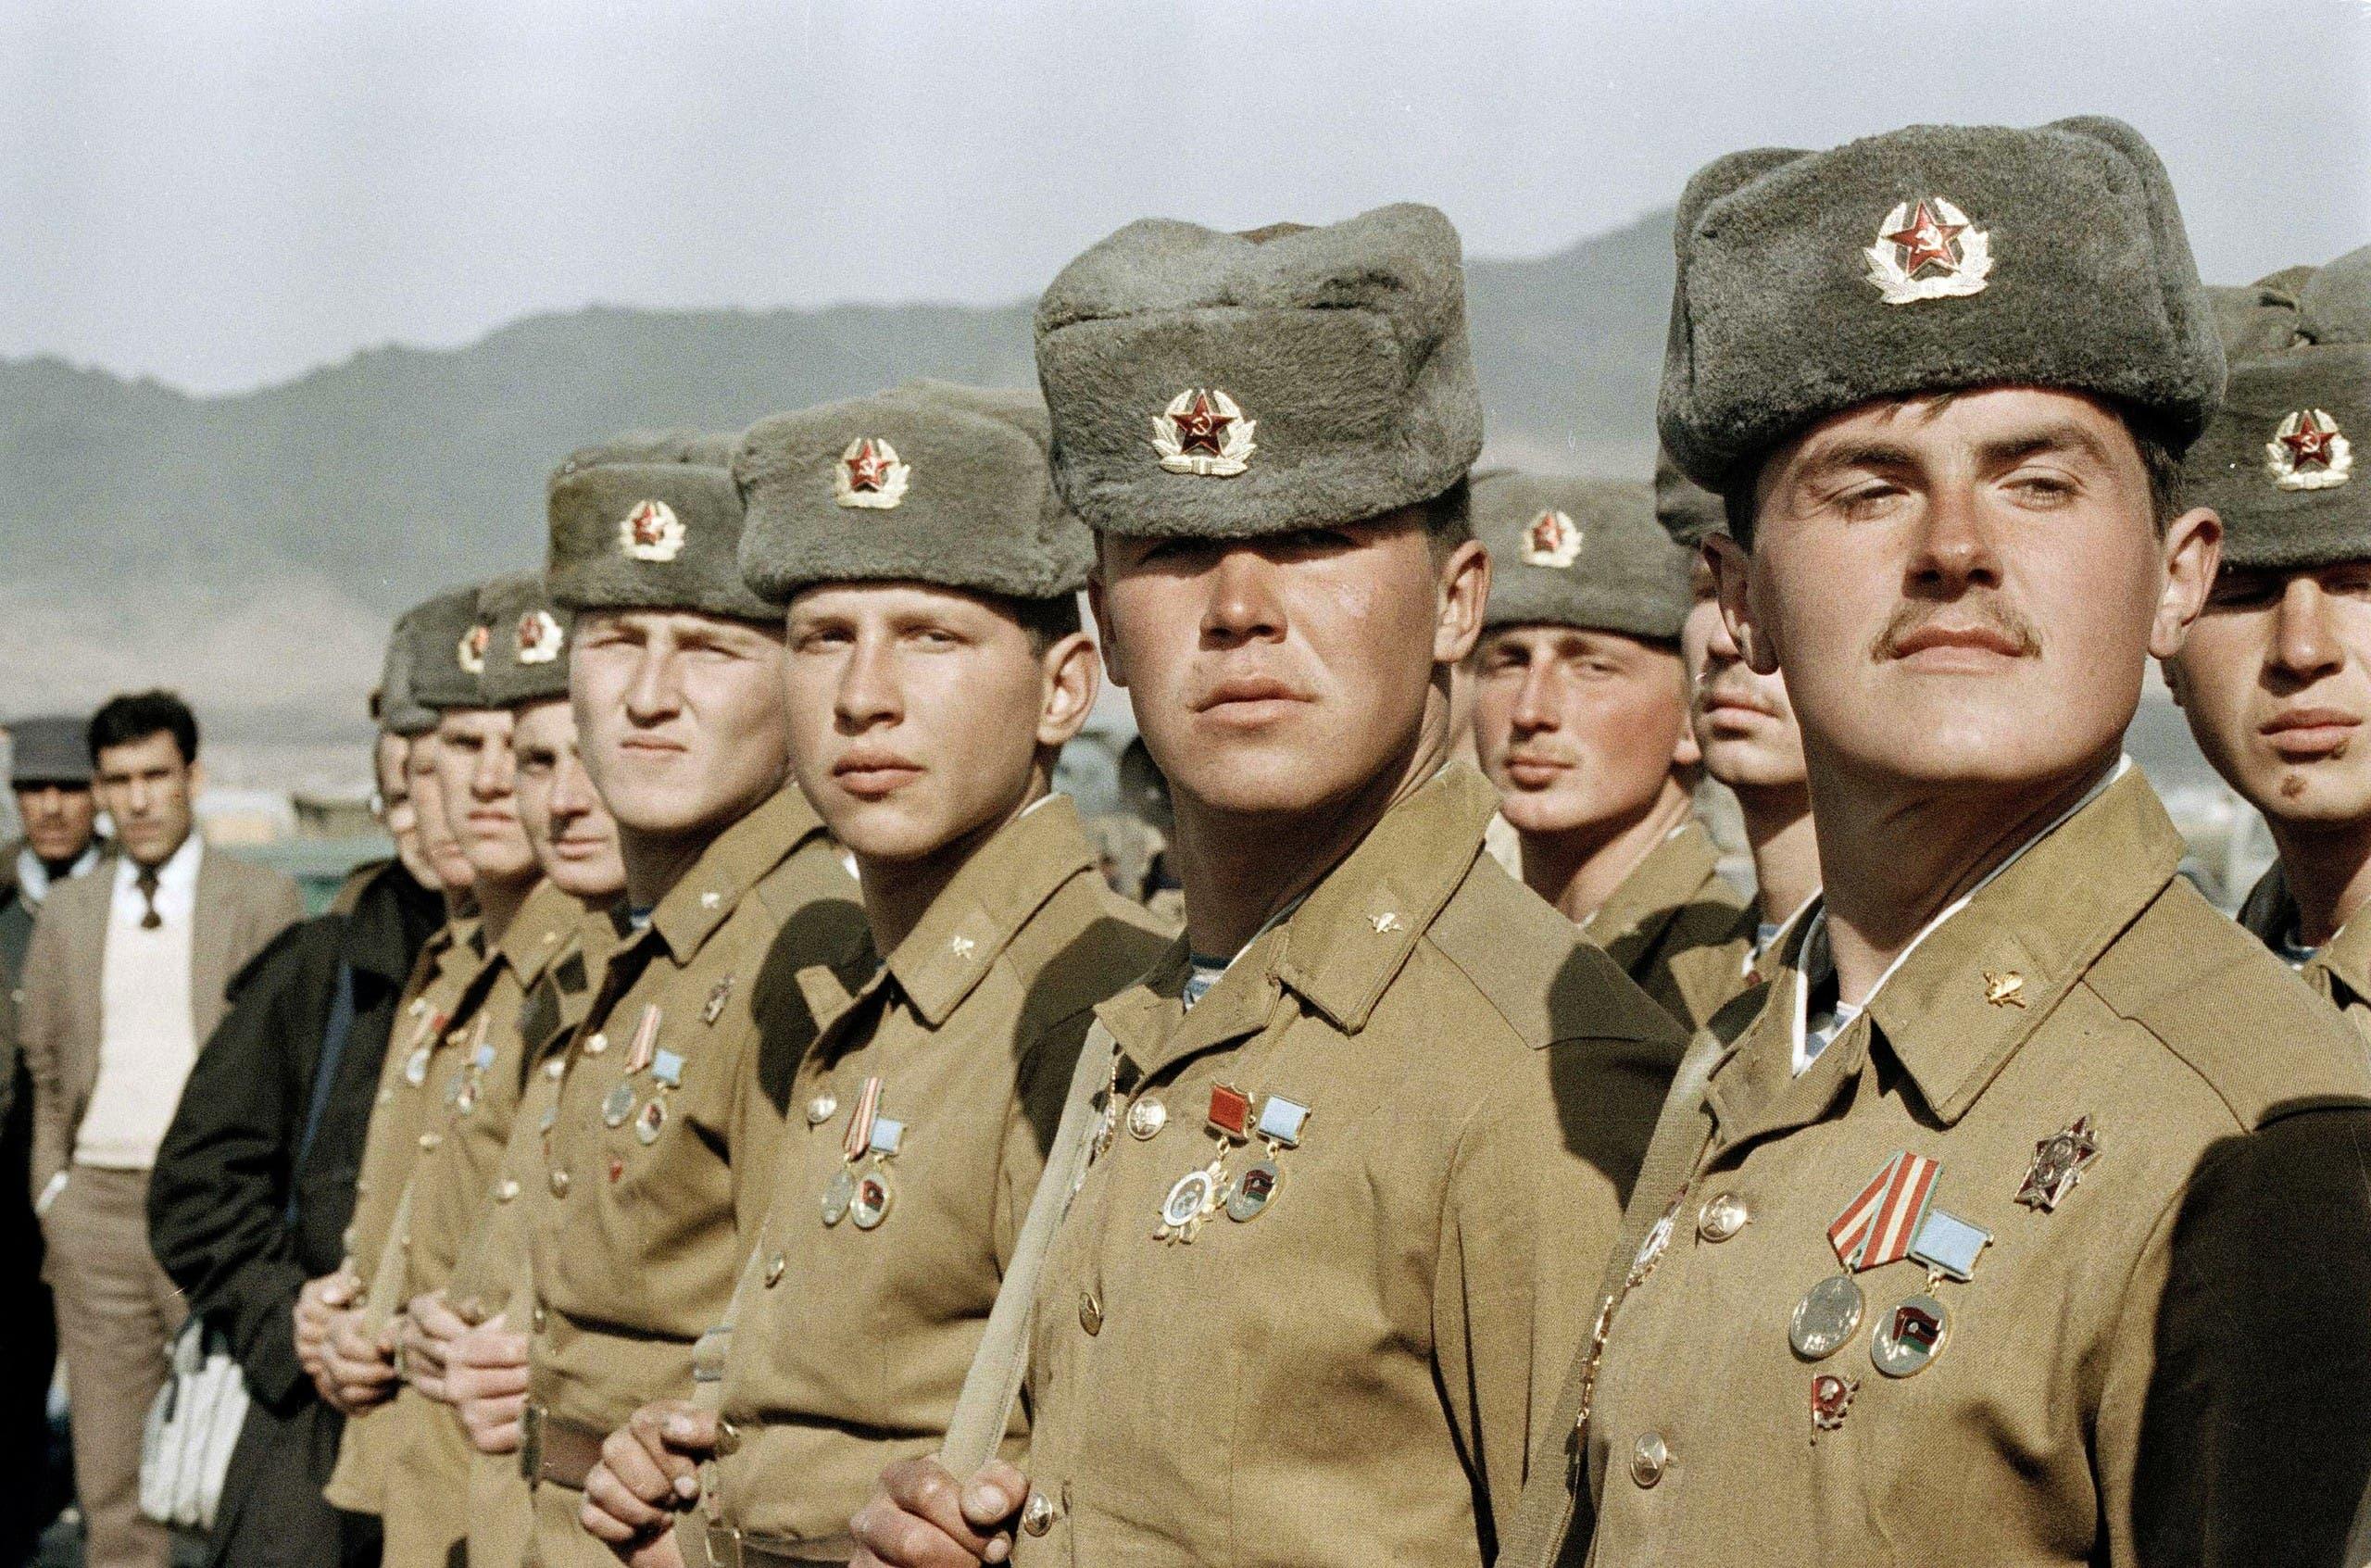 جنود سوفيت بأفغانستان